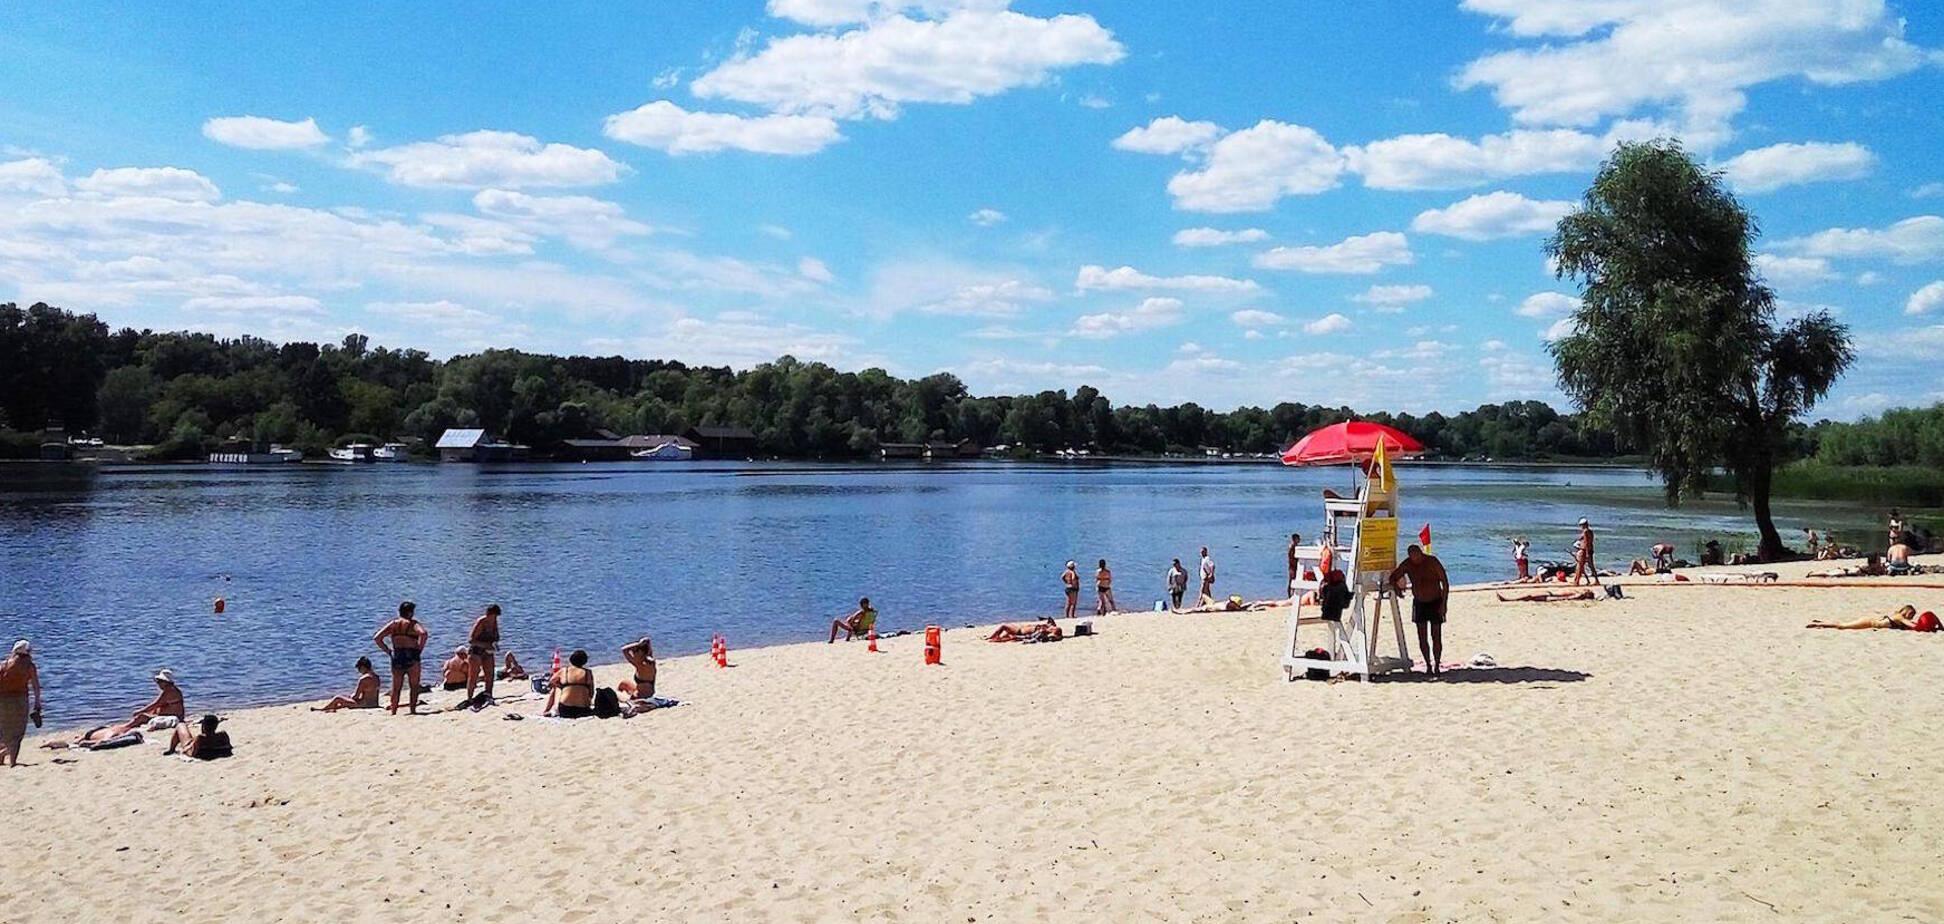 Названо 15 кращих пляжів в Україні: де варто провести свій відпочинок